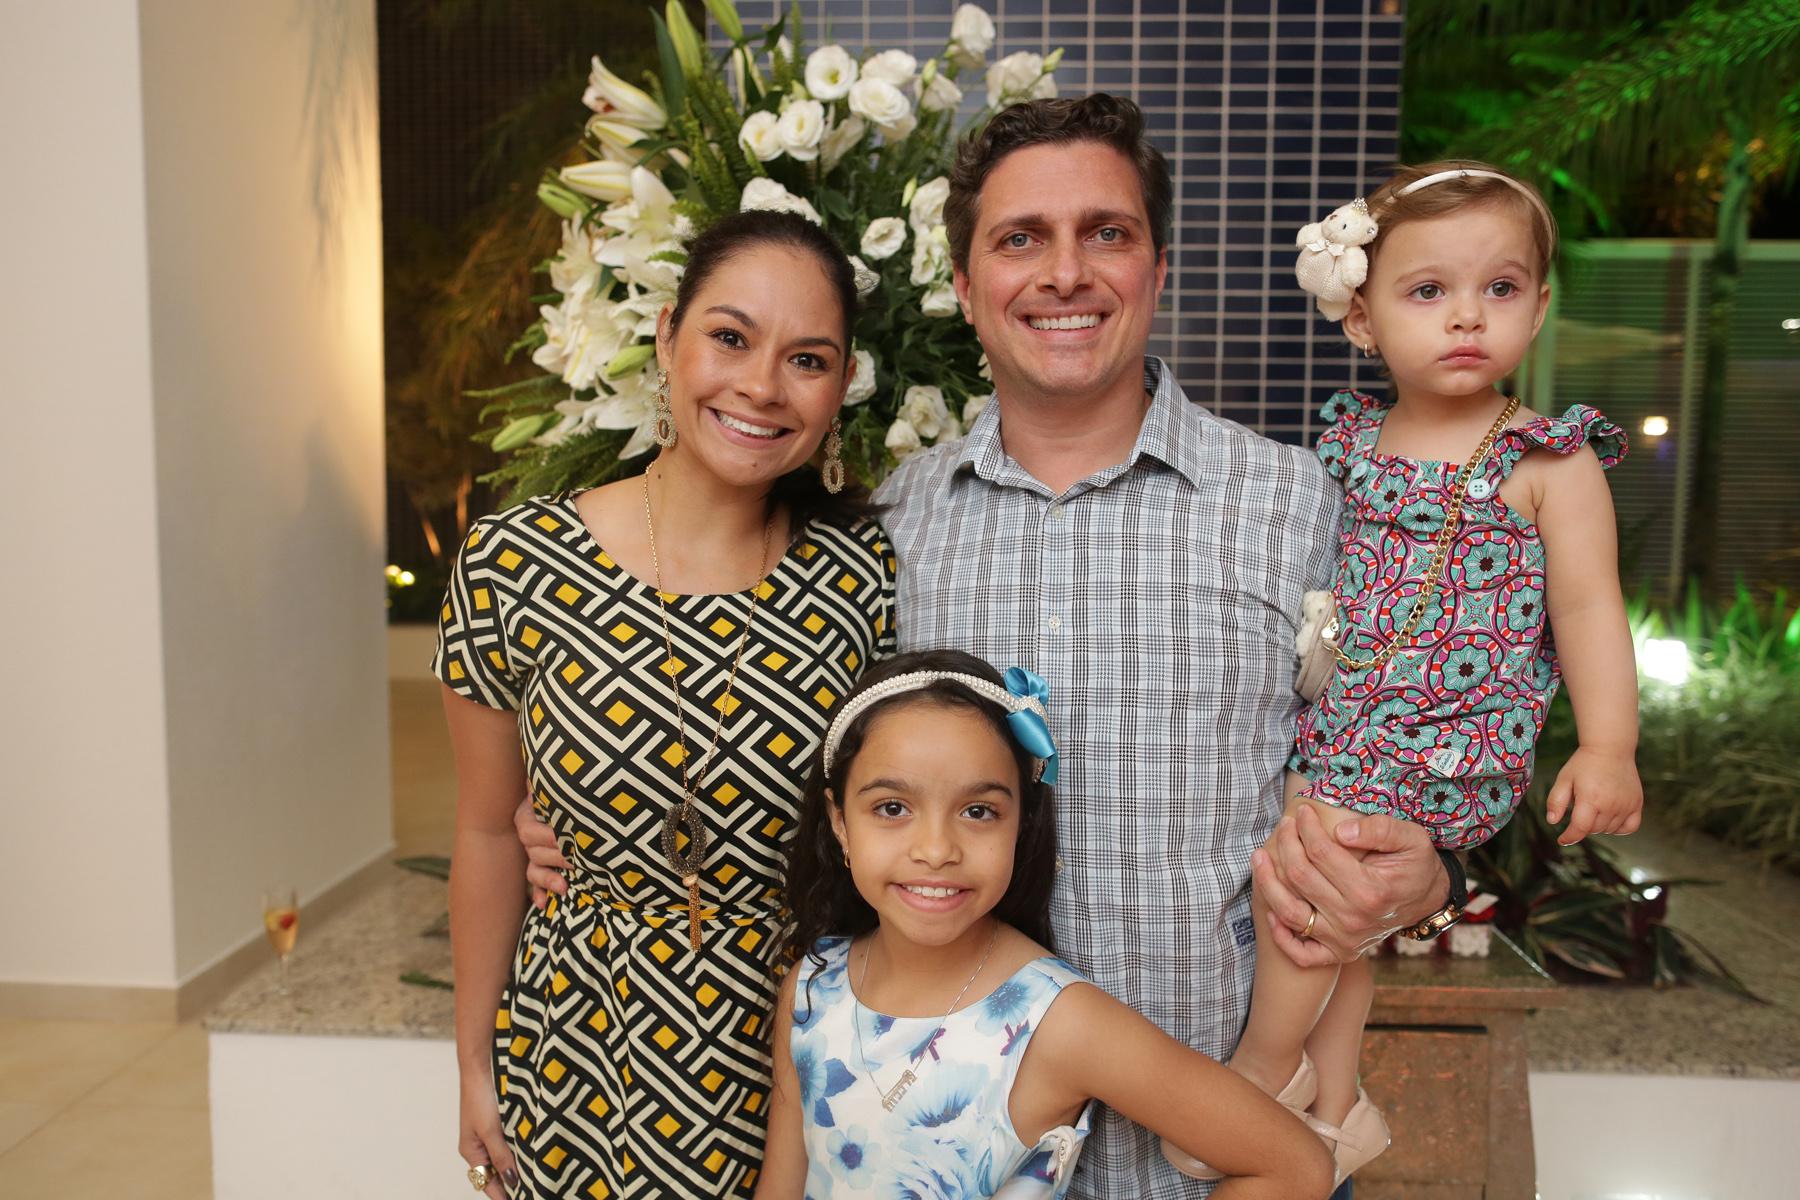 Daniel Dionello ao lado de sua esposa Heloise e de suas filhas filhas.